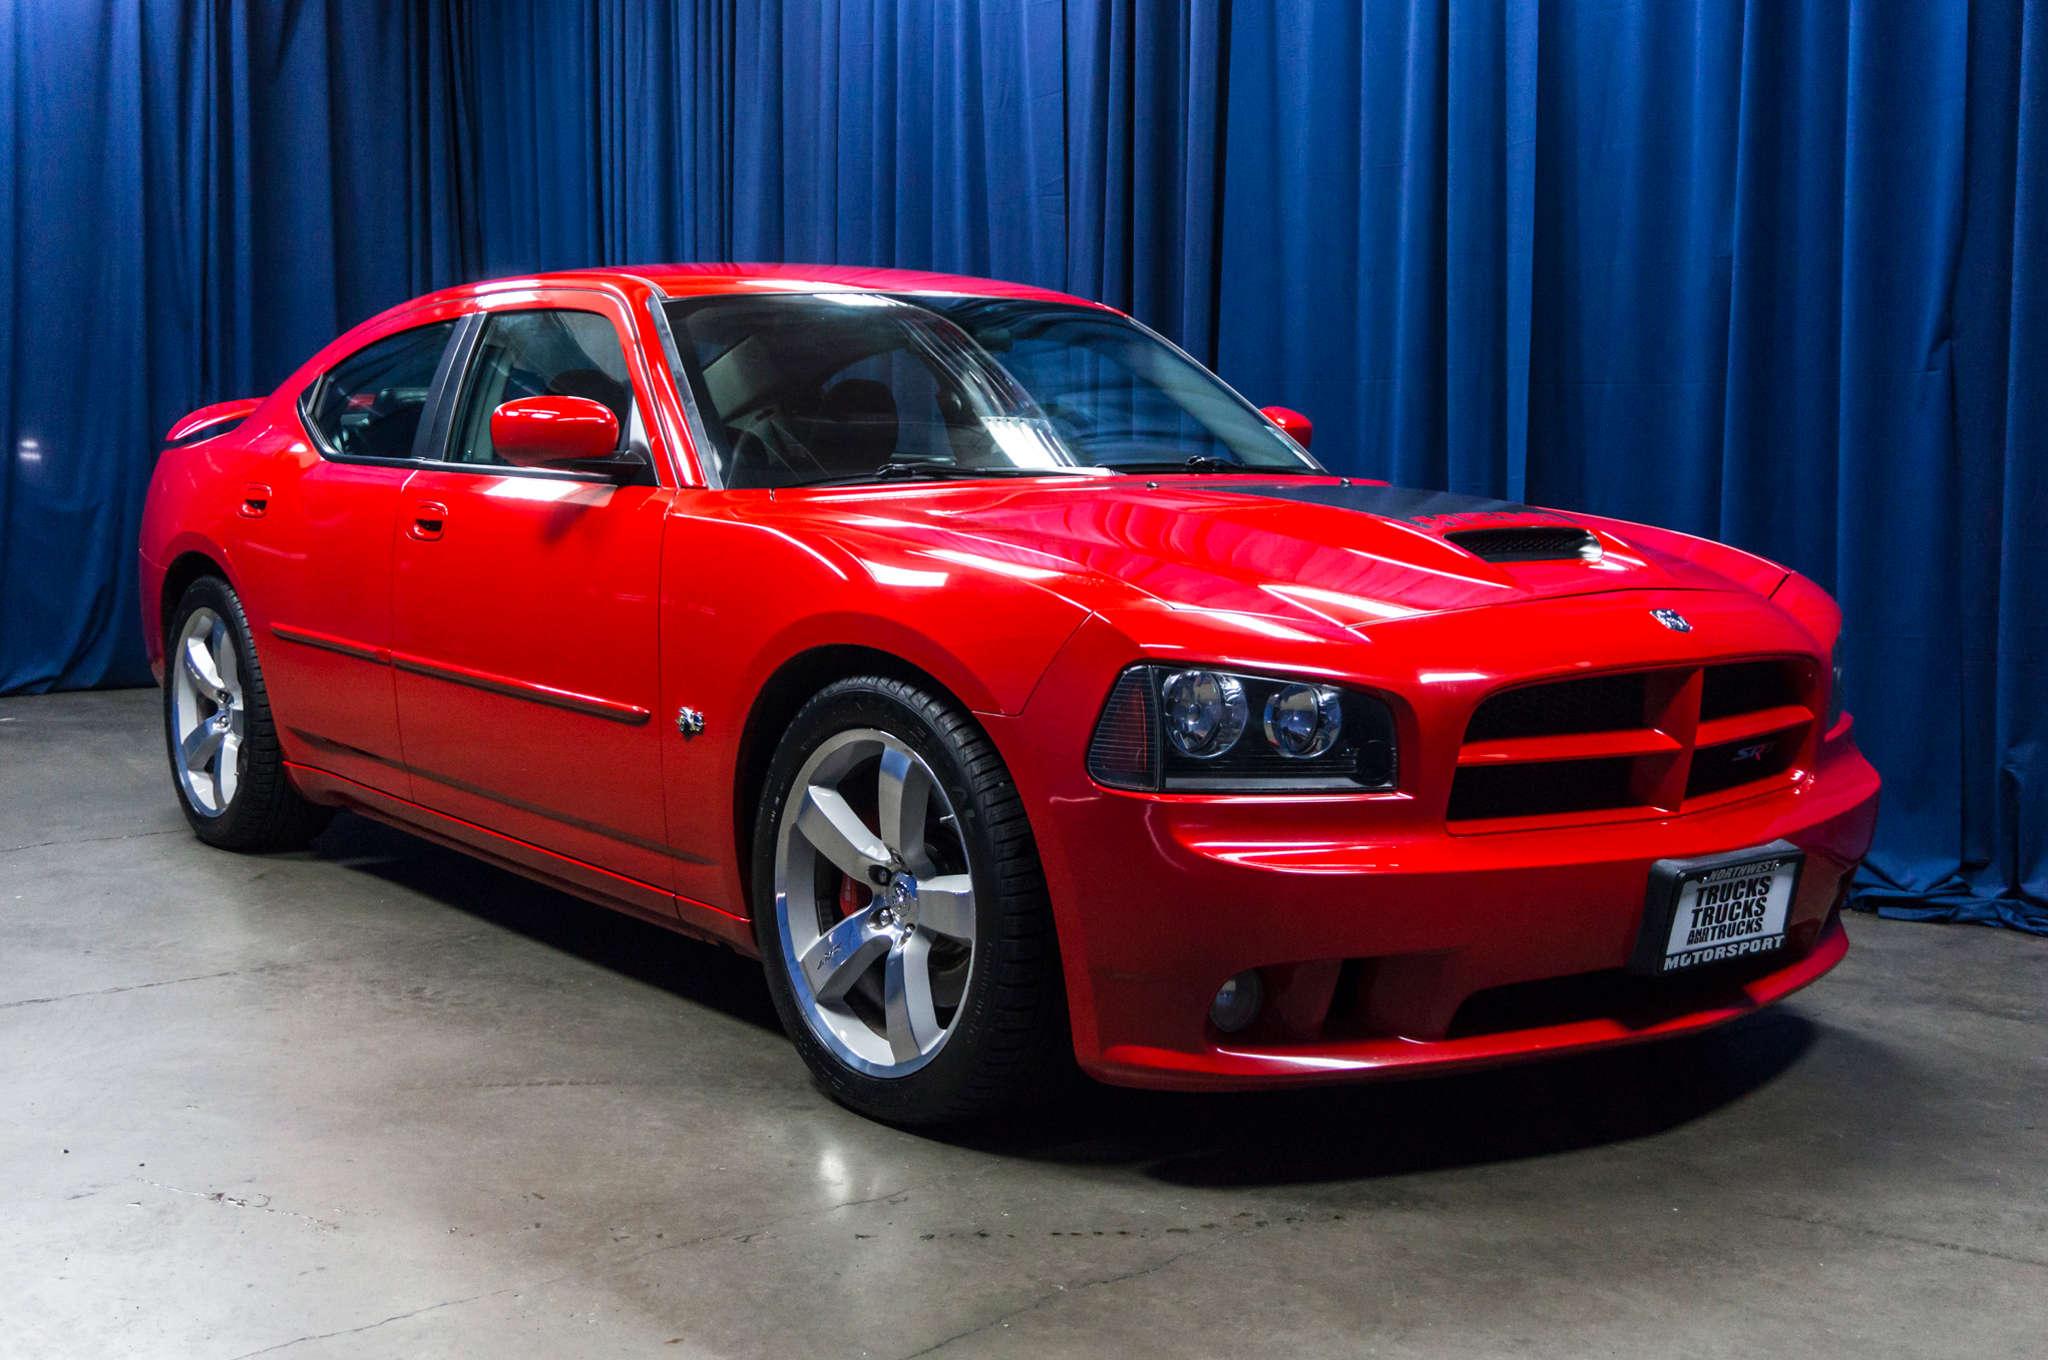 Used 2007 Dodge Charger SRT 8 RWD Sedan For Sale